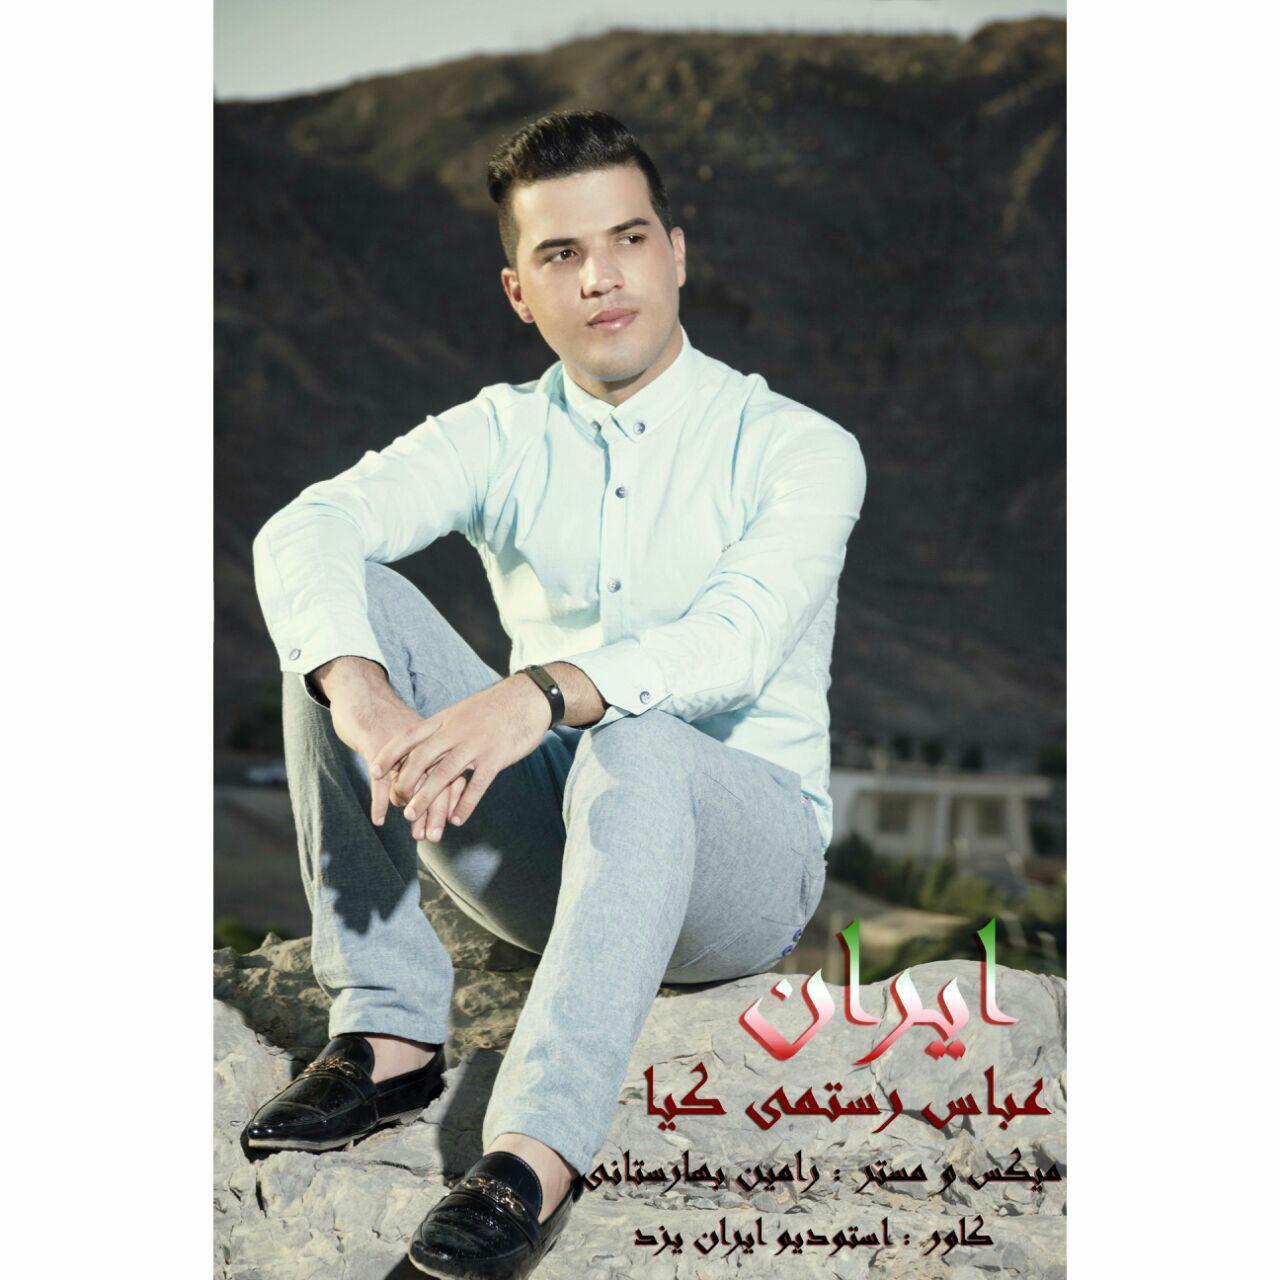 نامبر وان موزیک   دانلود آهنگ جدید Abbas-Rostami-Kia-Iran